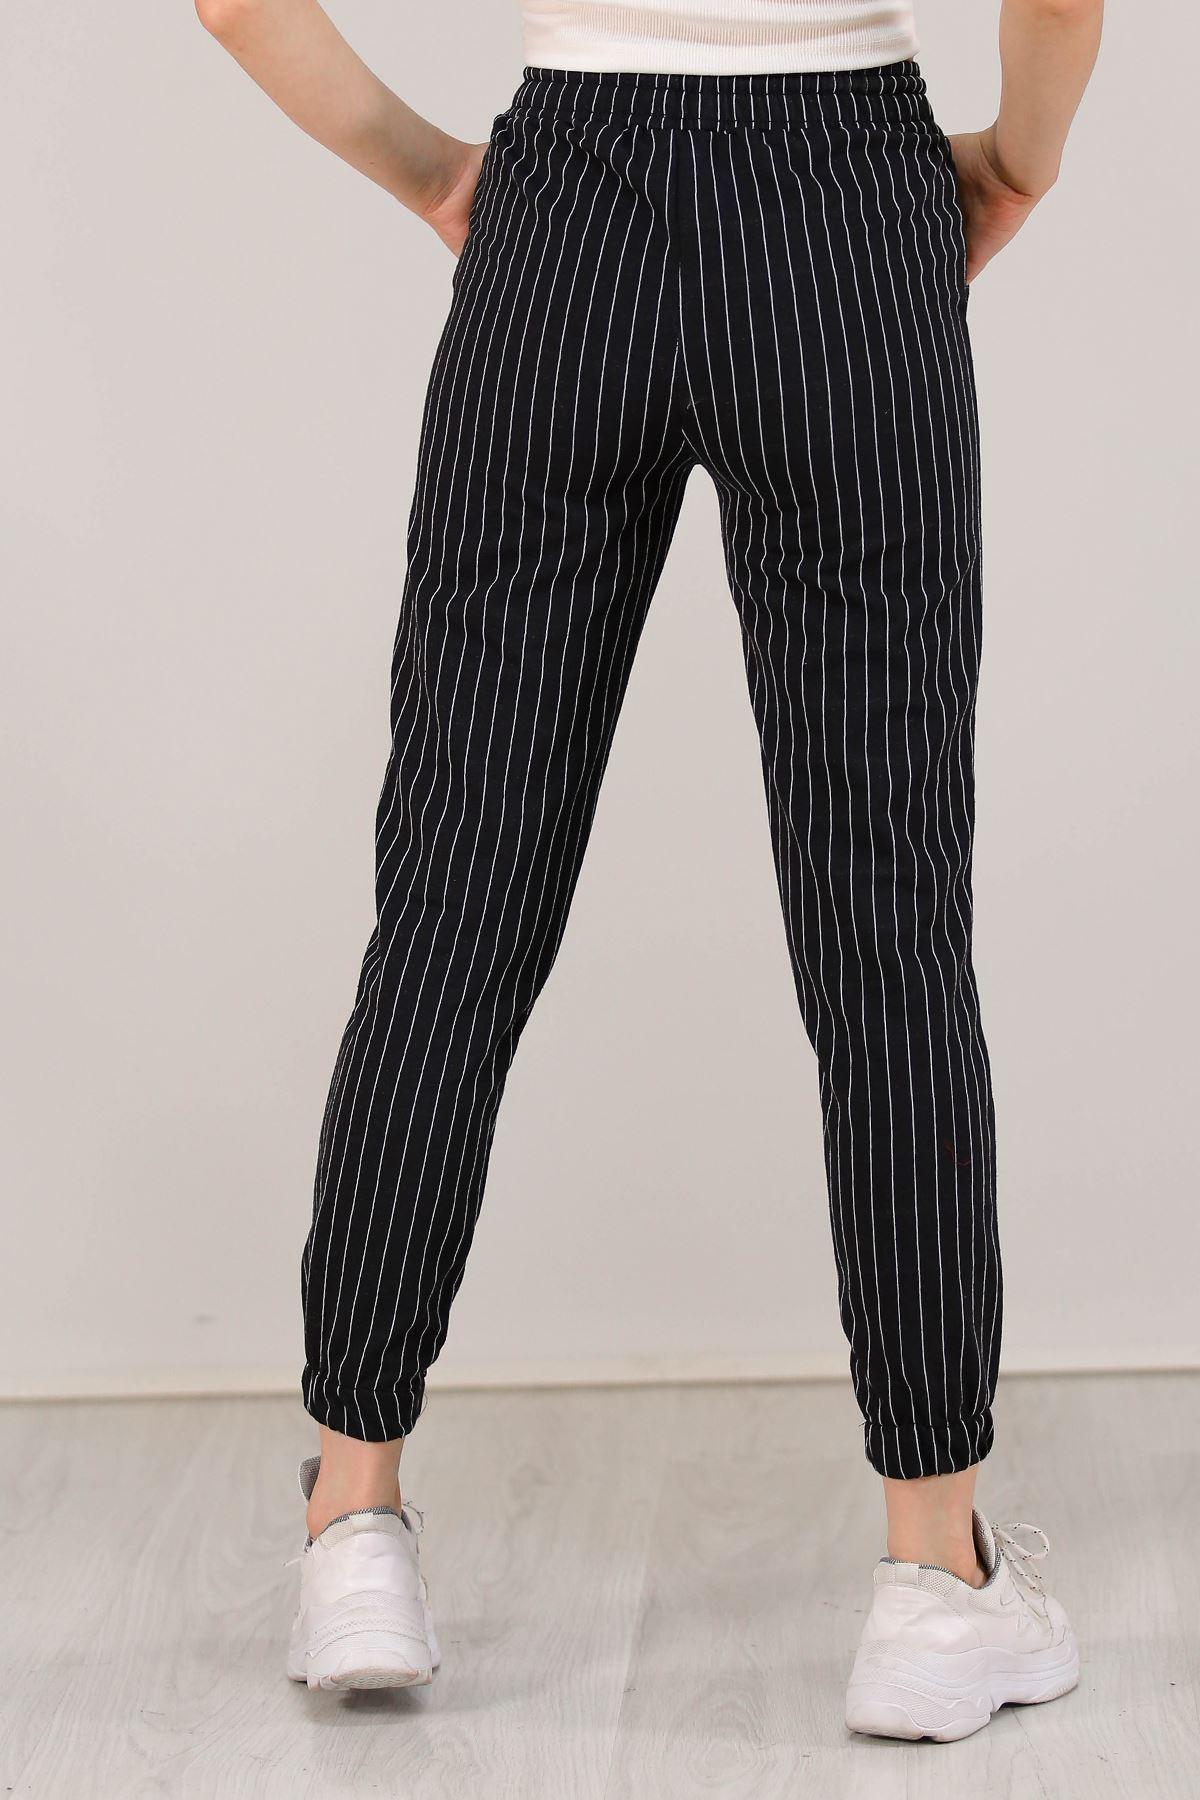 Çizgili Pantolon Siyah - 5258.1348. Toptan